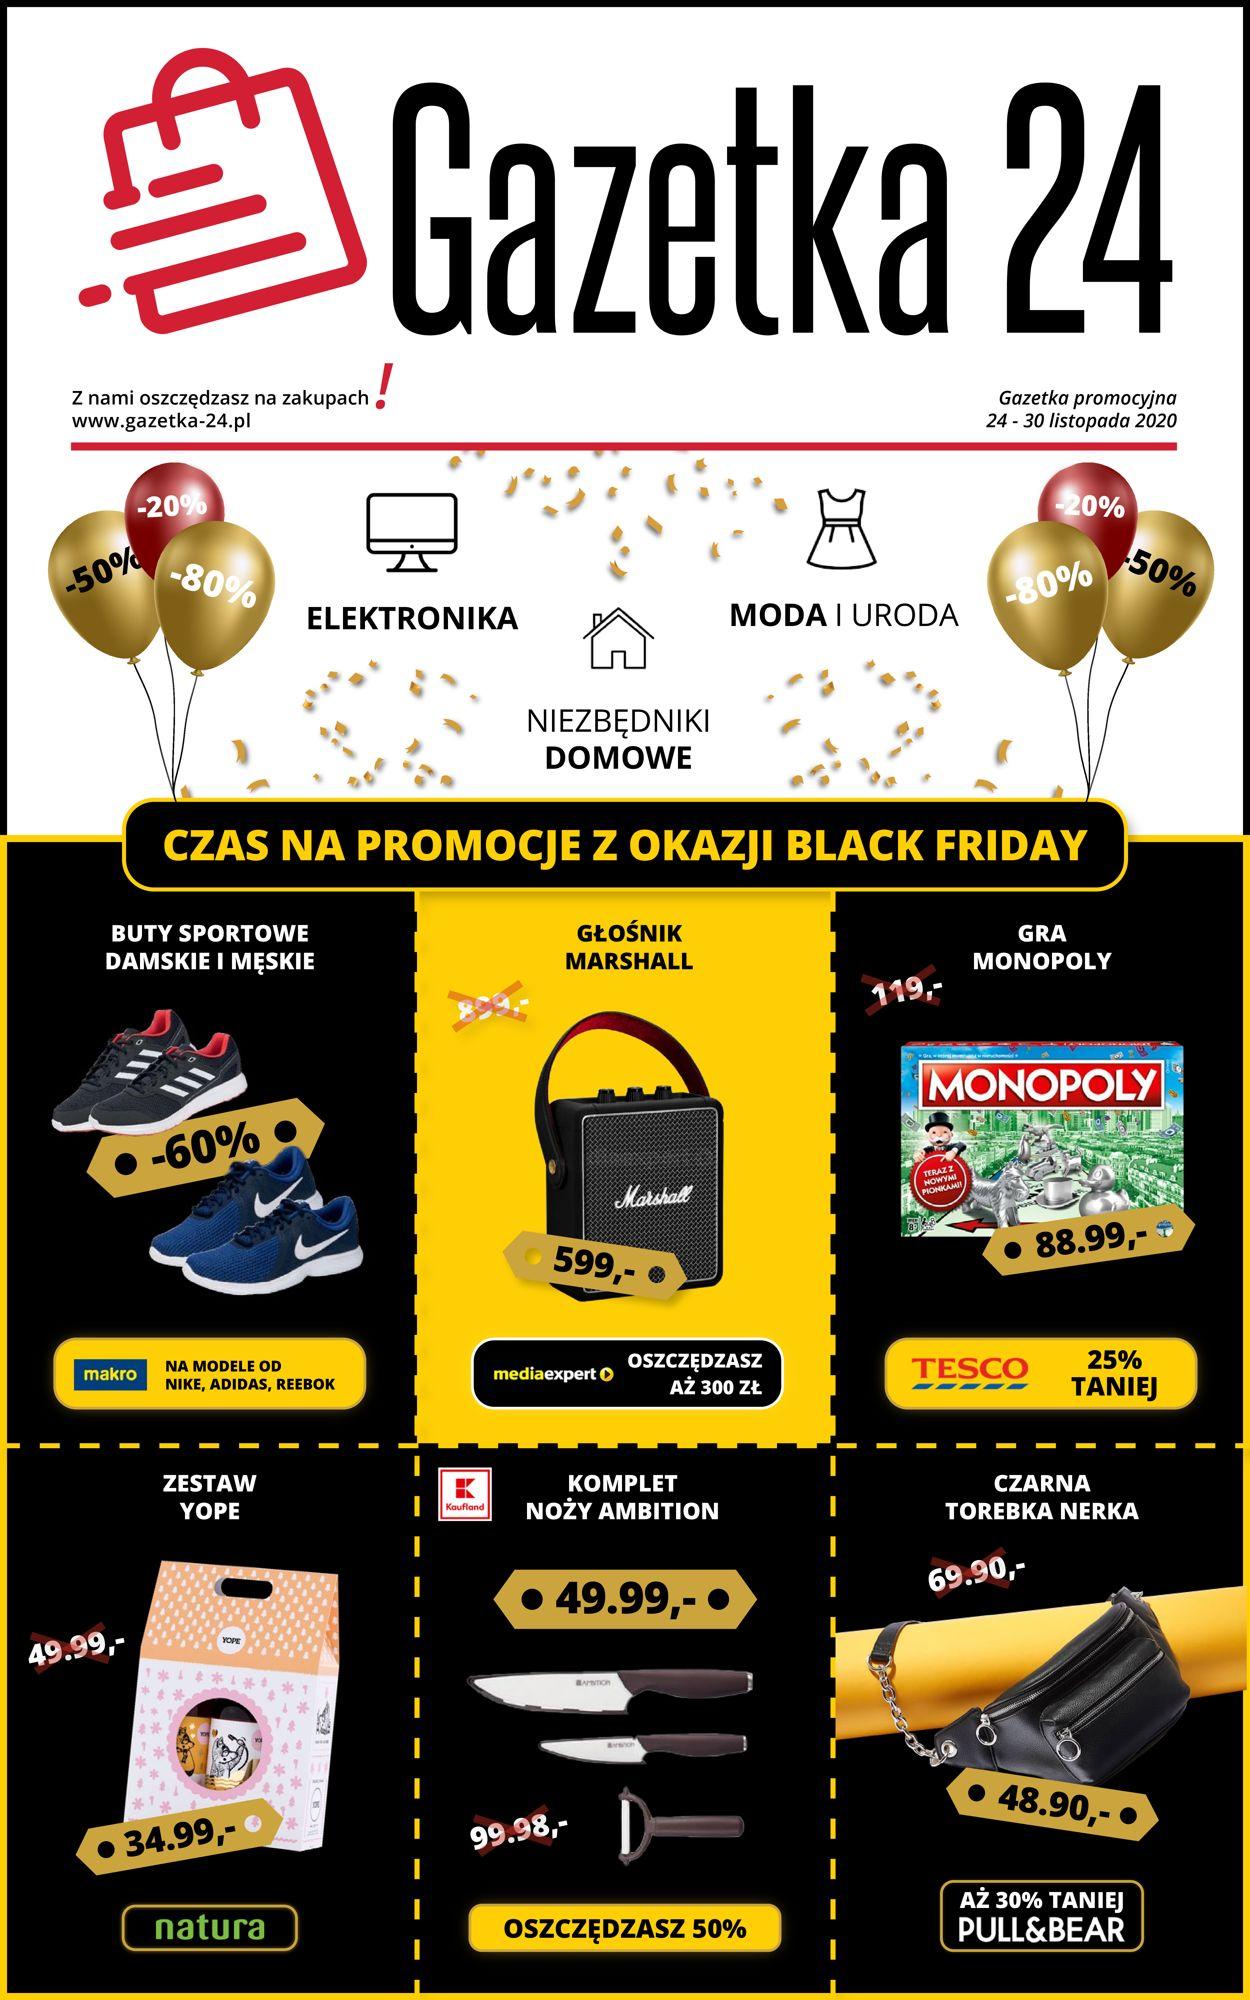 Gazetka promocyjna Gazetka 24 Black Friday 2020 - 24.11-30.11.2020